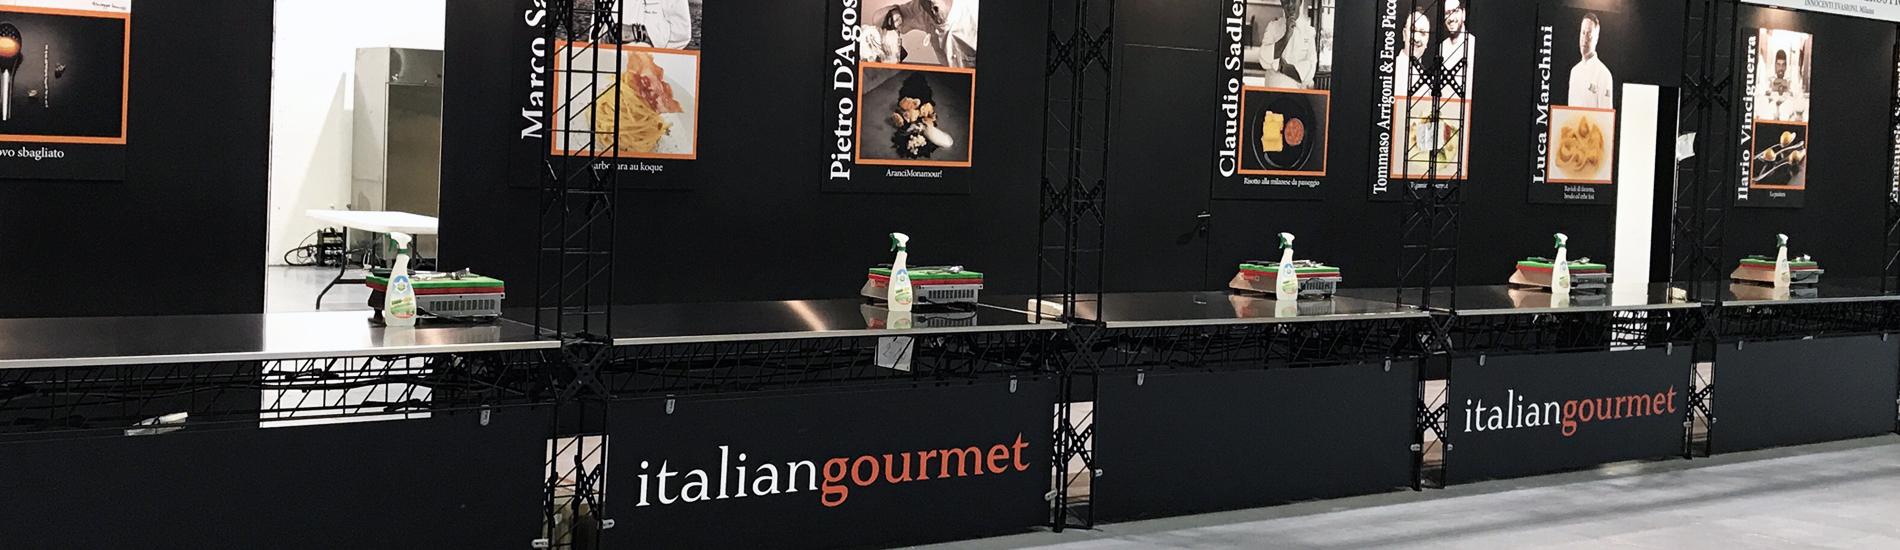 italian-gourmet